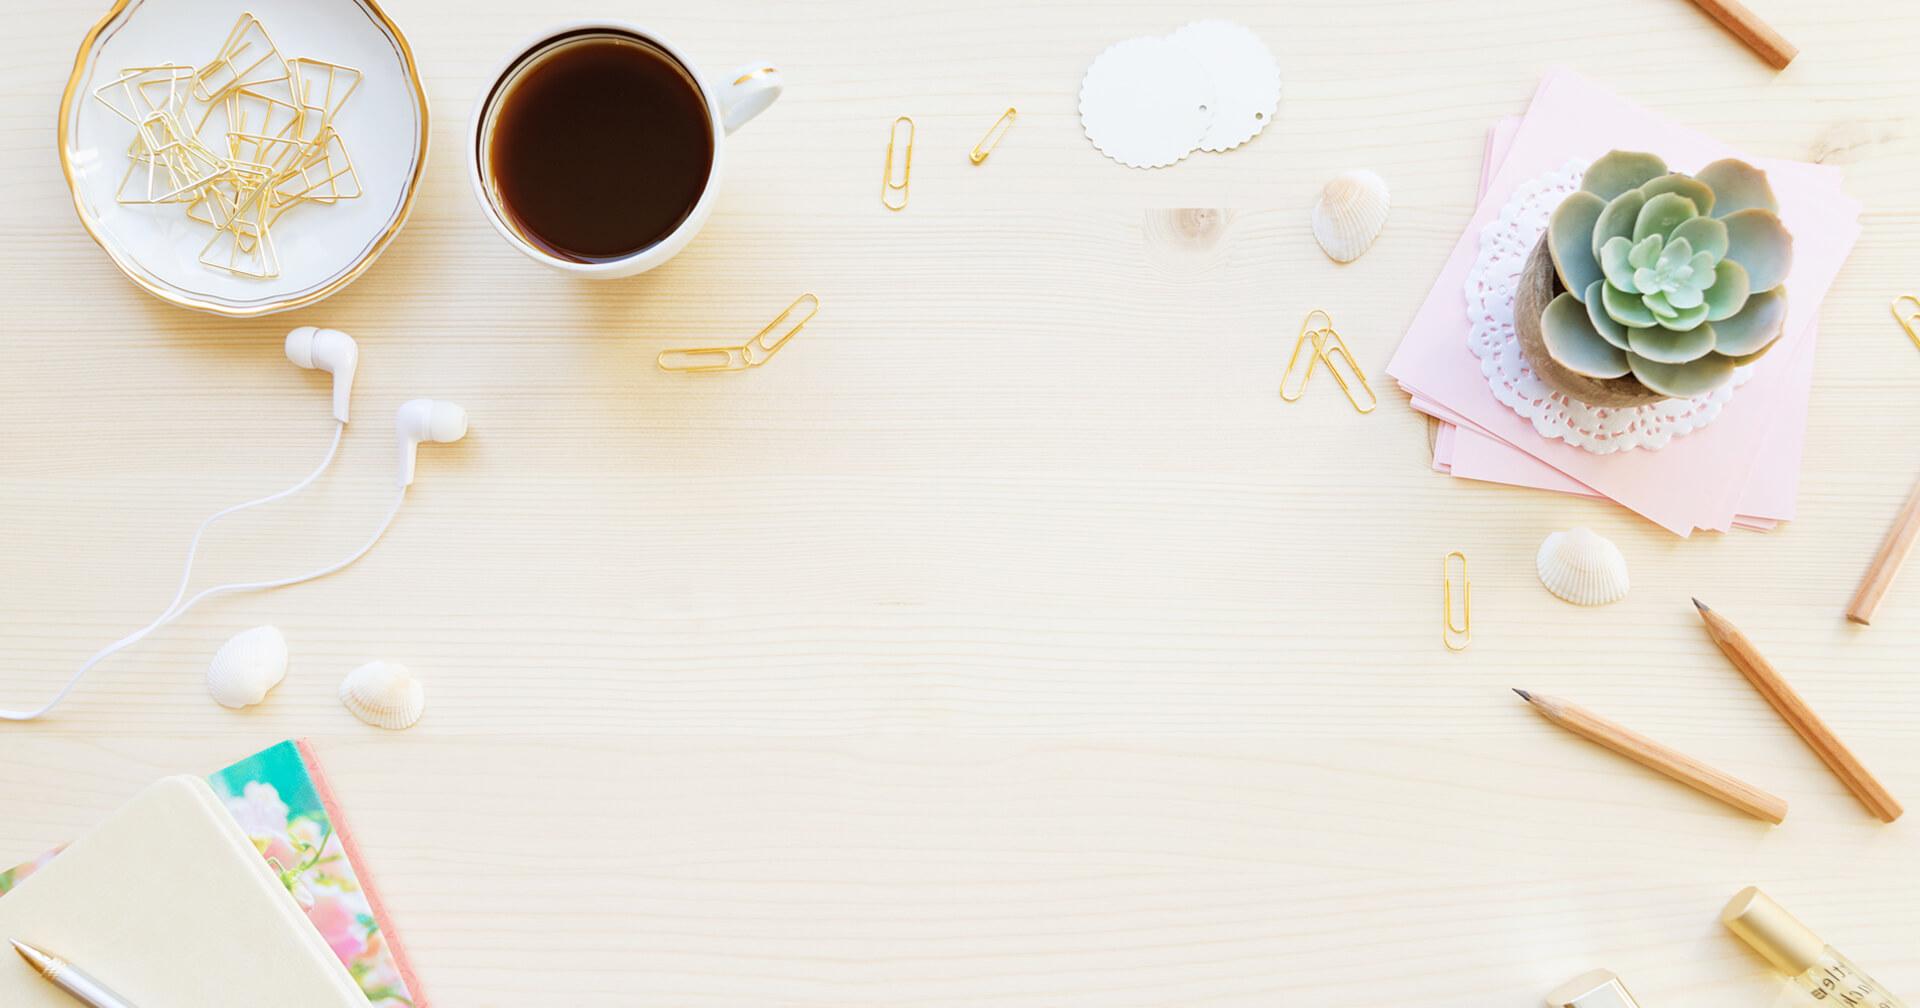 печать фотографий spbprinter раскладка на столе